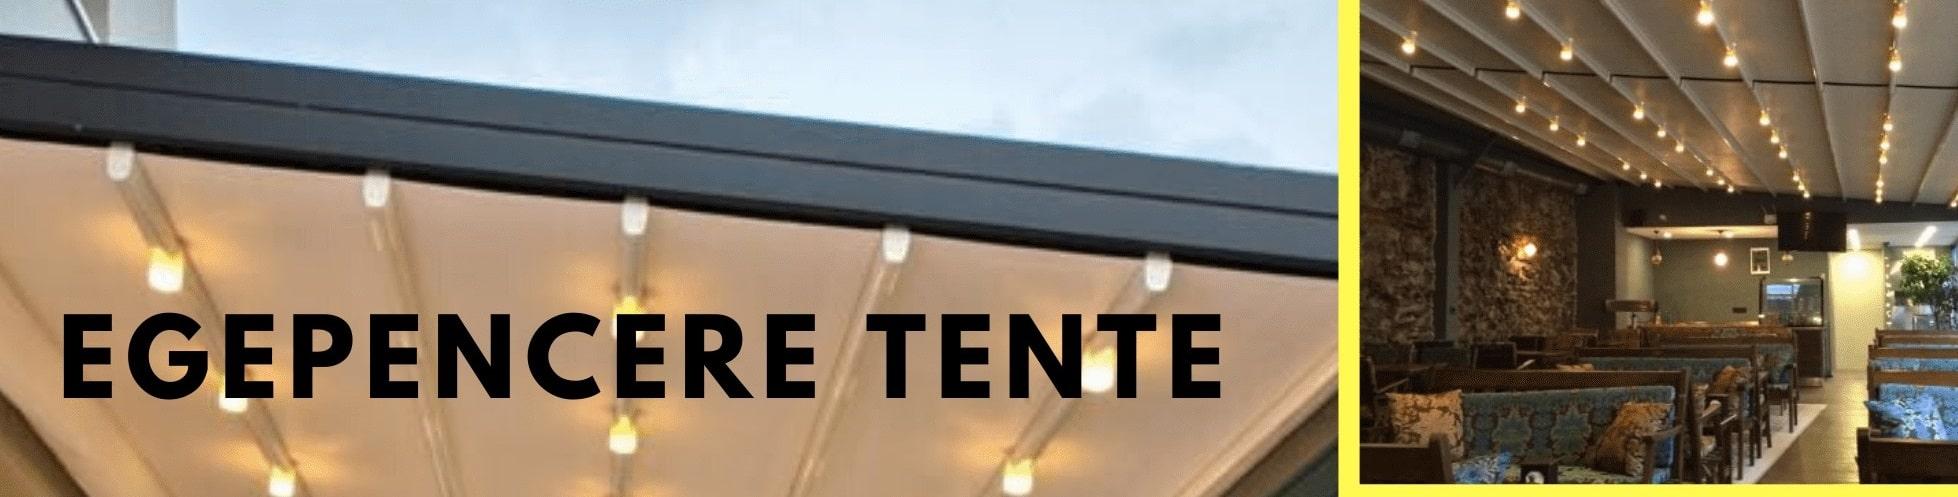 İzmir kış bahçesi otomatik tente